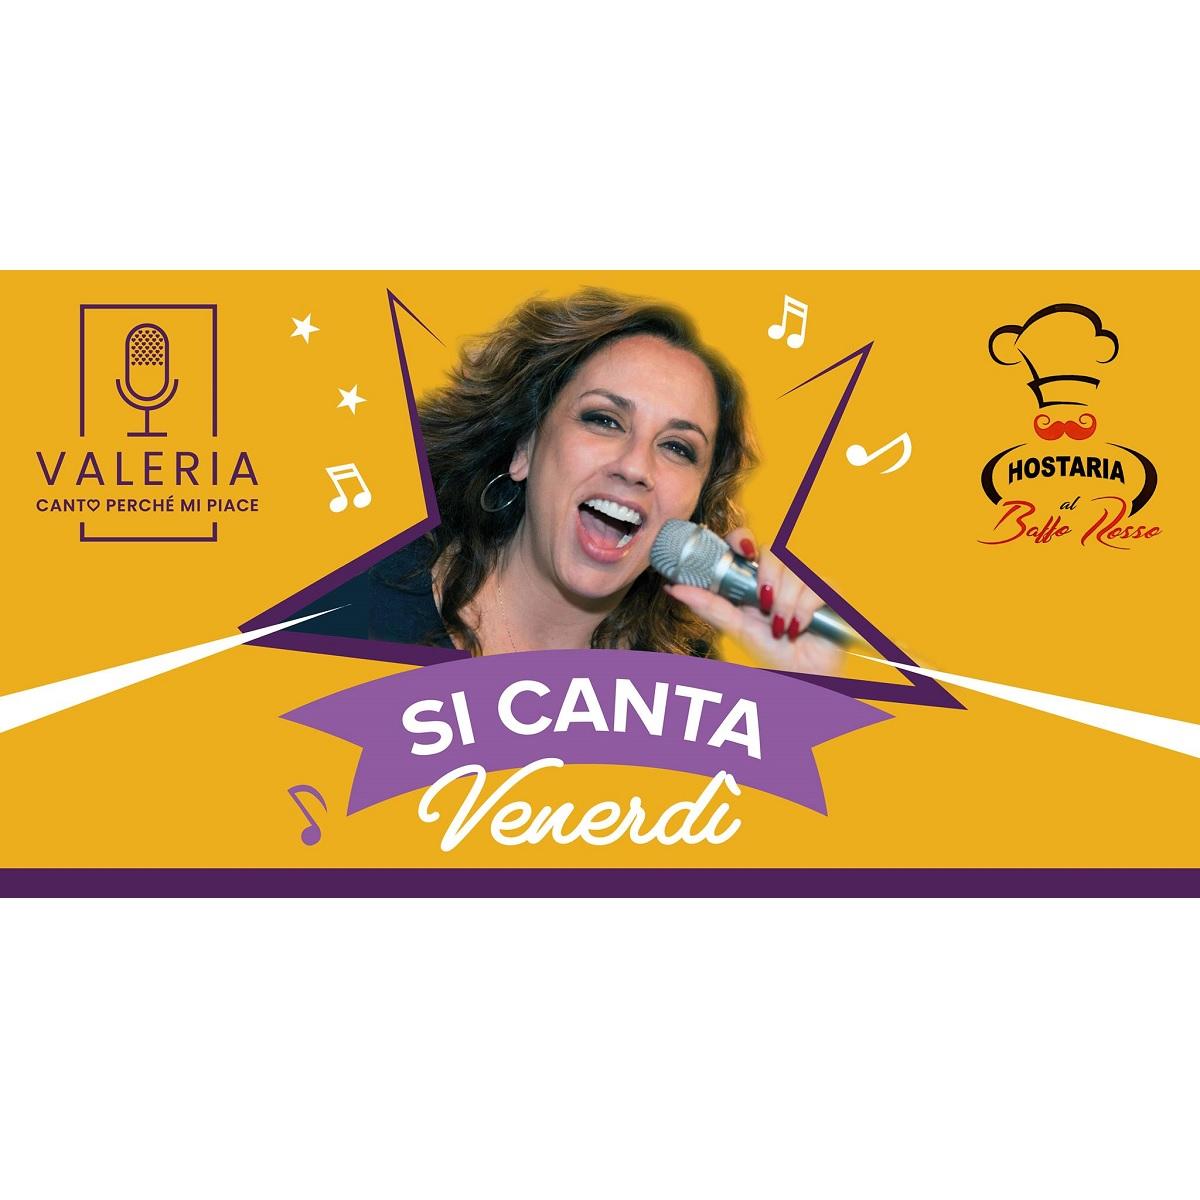 Venerdì karaoke con Valeria 16 luglio 2021 foto